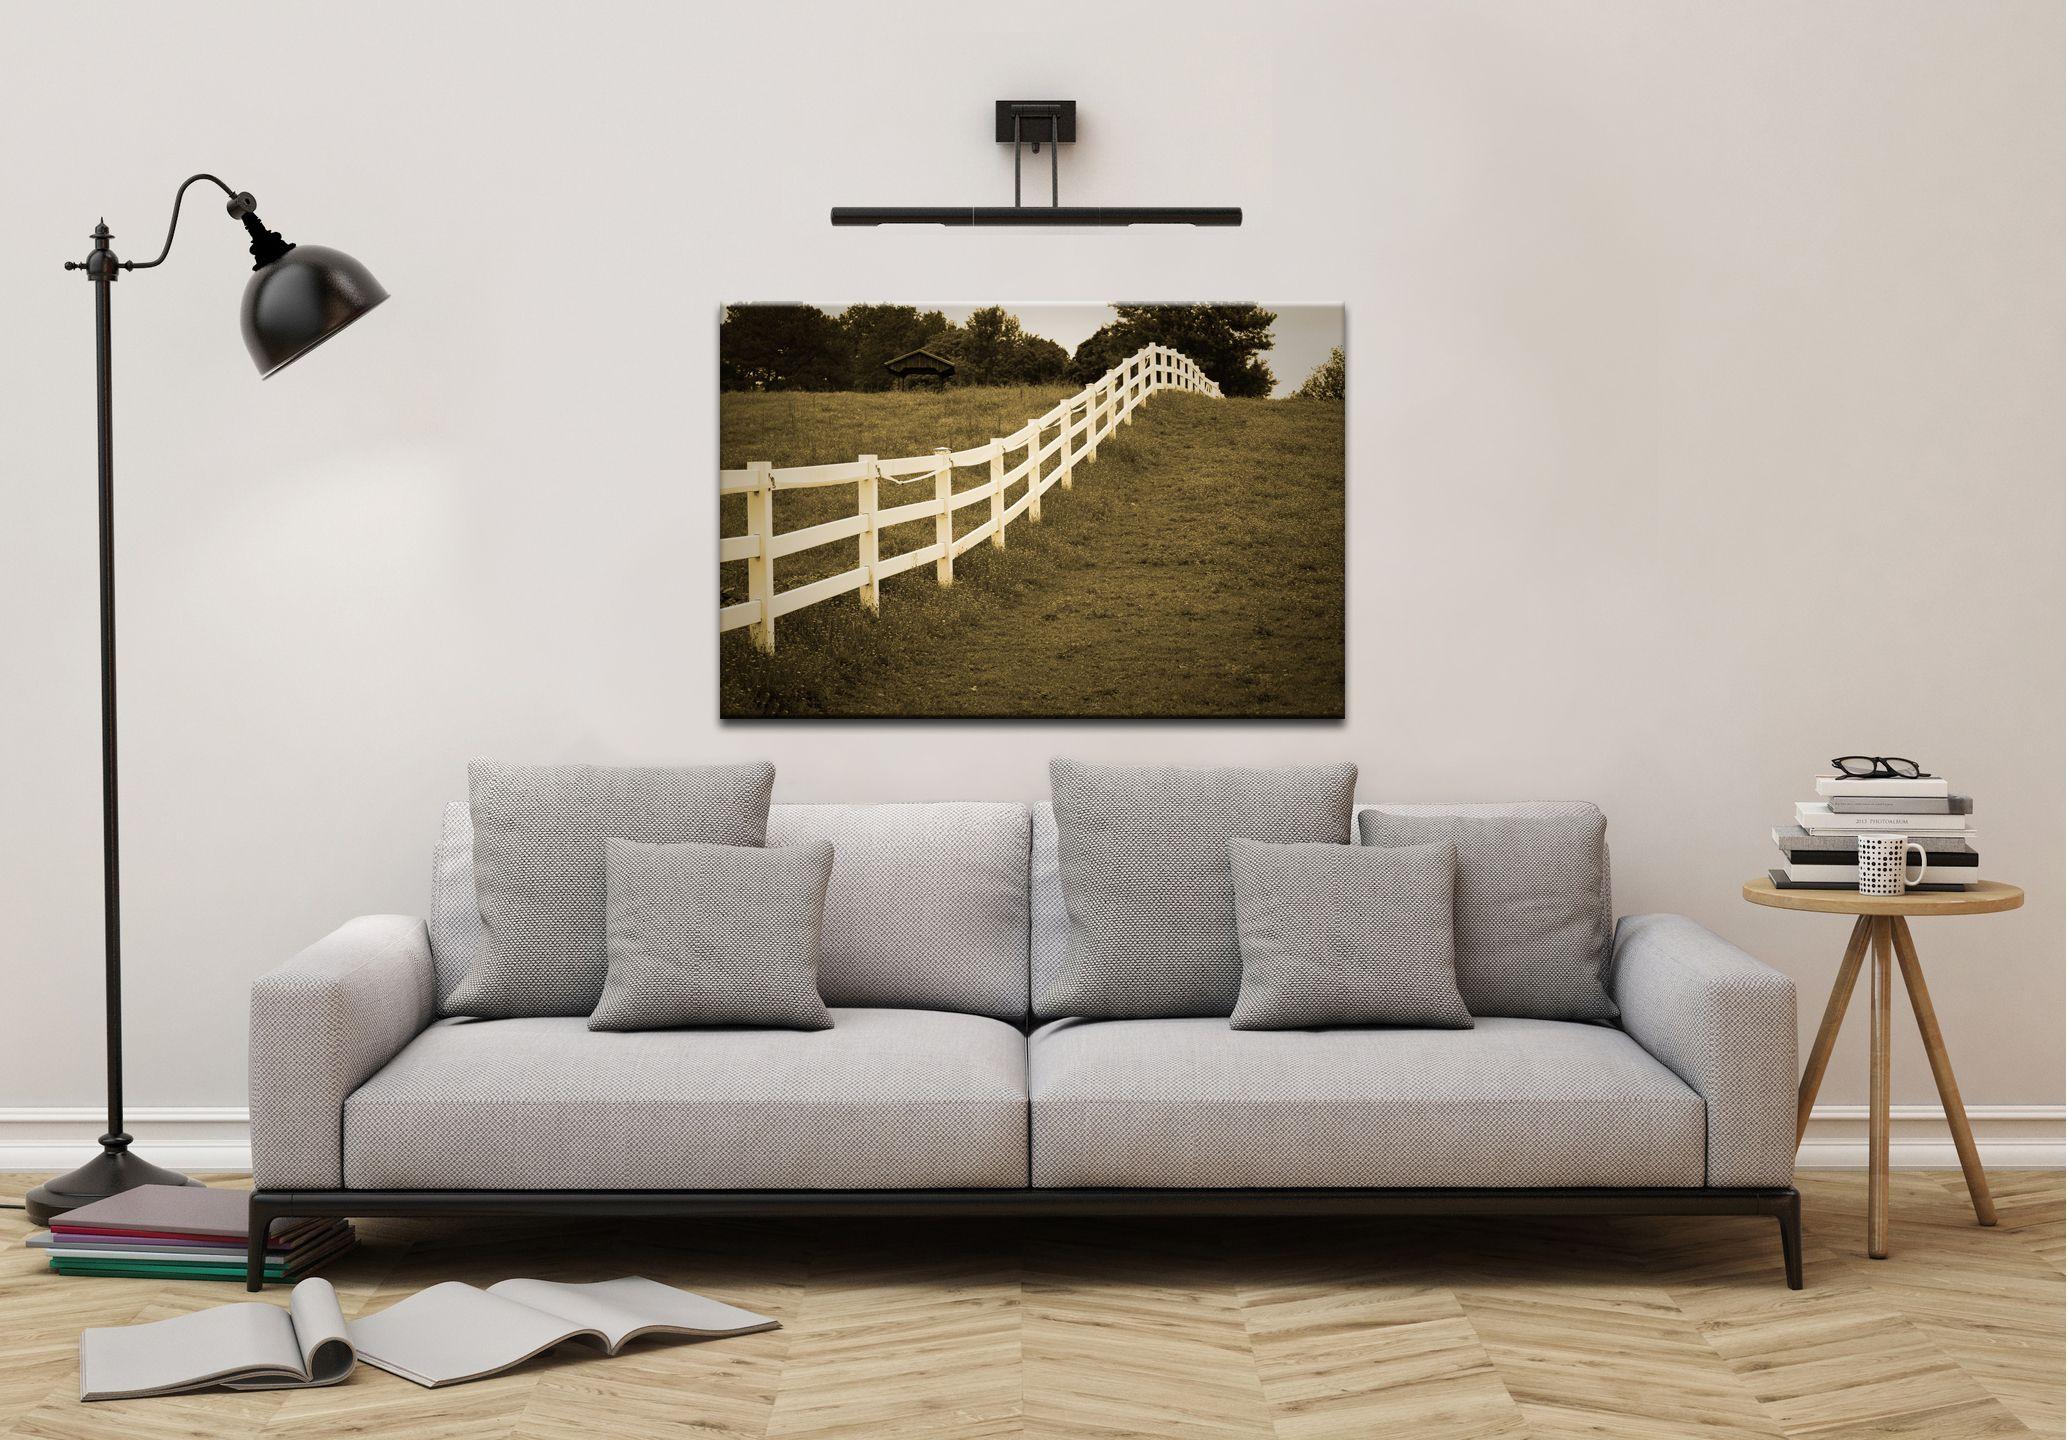 Aged Fences 2 Landscape Photography Canvas Prints Are Now Available On Houzz Landscape Photos Are A G Wall Art Prints Unframed Wall Art Photography Prints Art